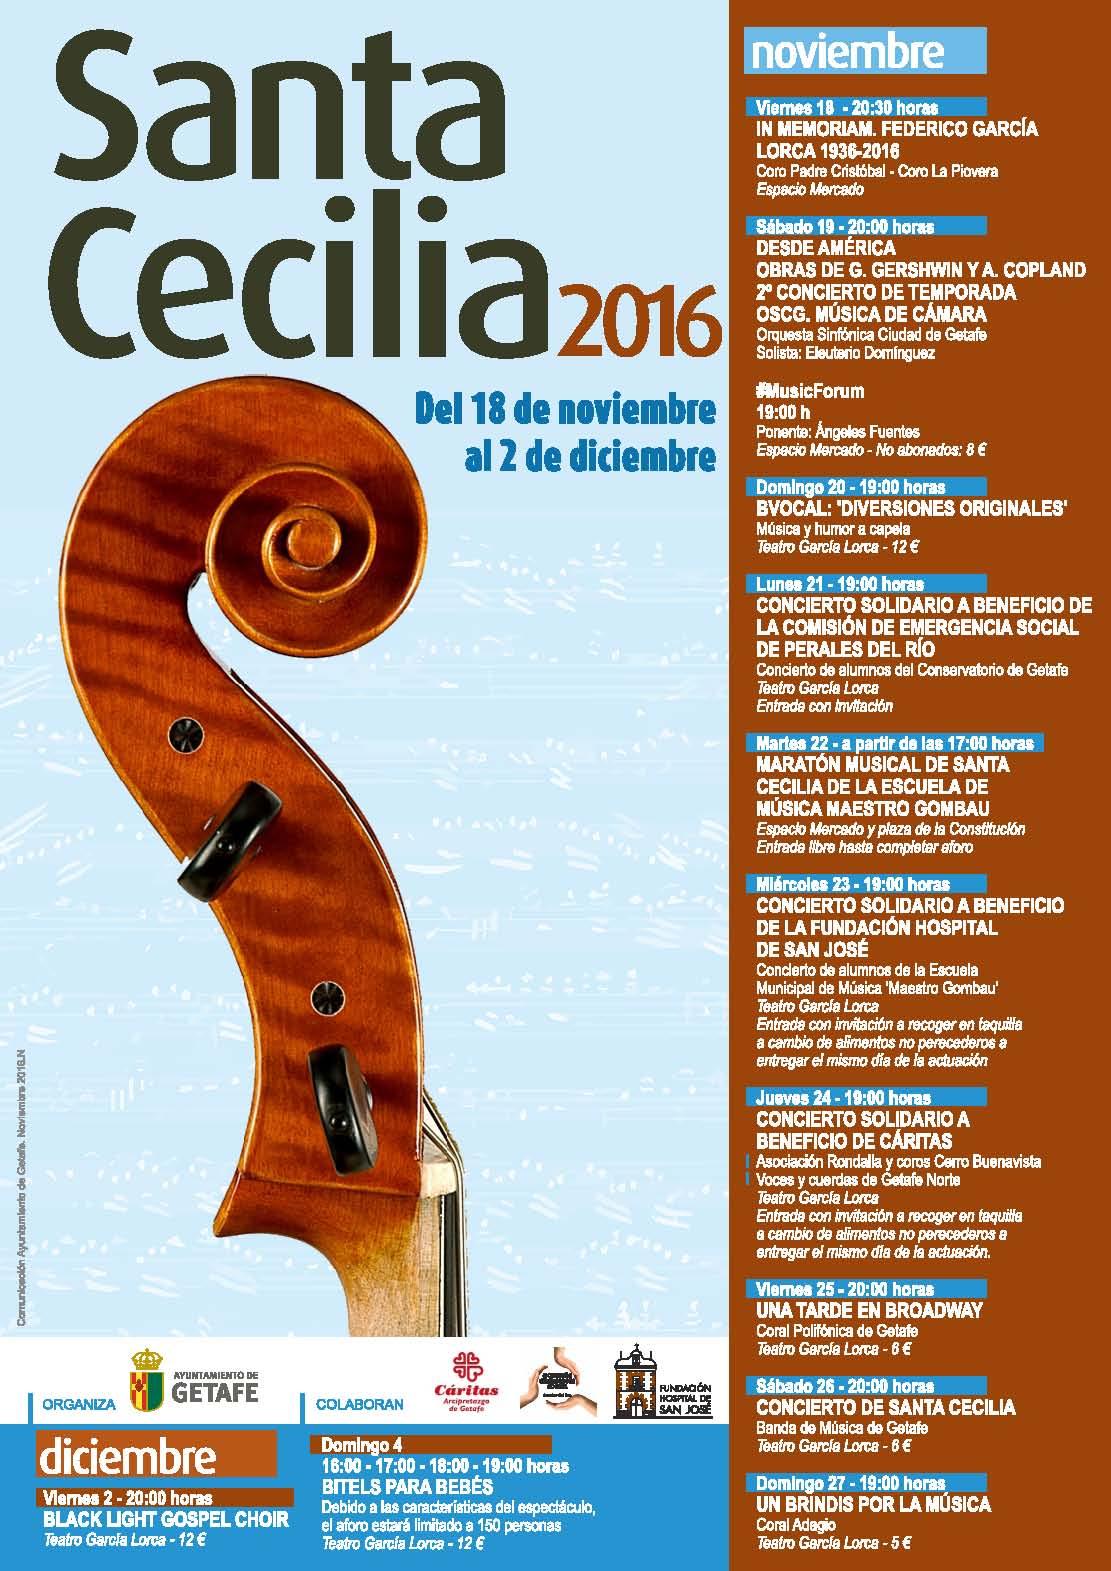 Del 18 de noviembre al 2 de diciembre la música protagonista en Getafe con el ciclo de Santa Cecilia